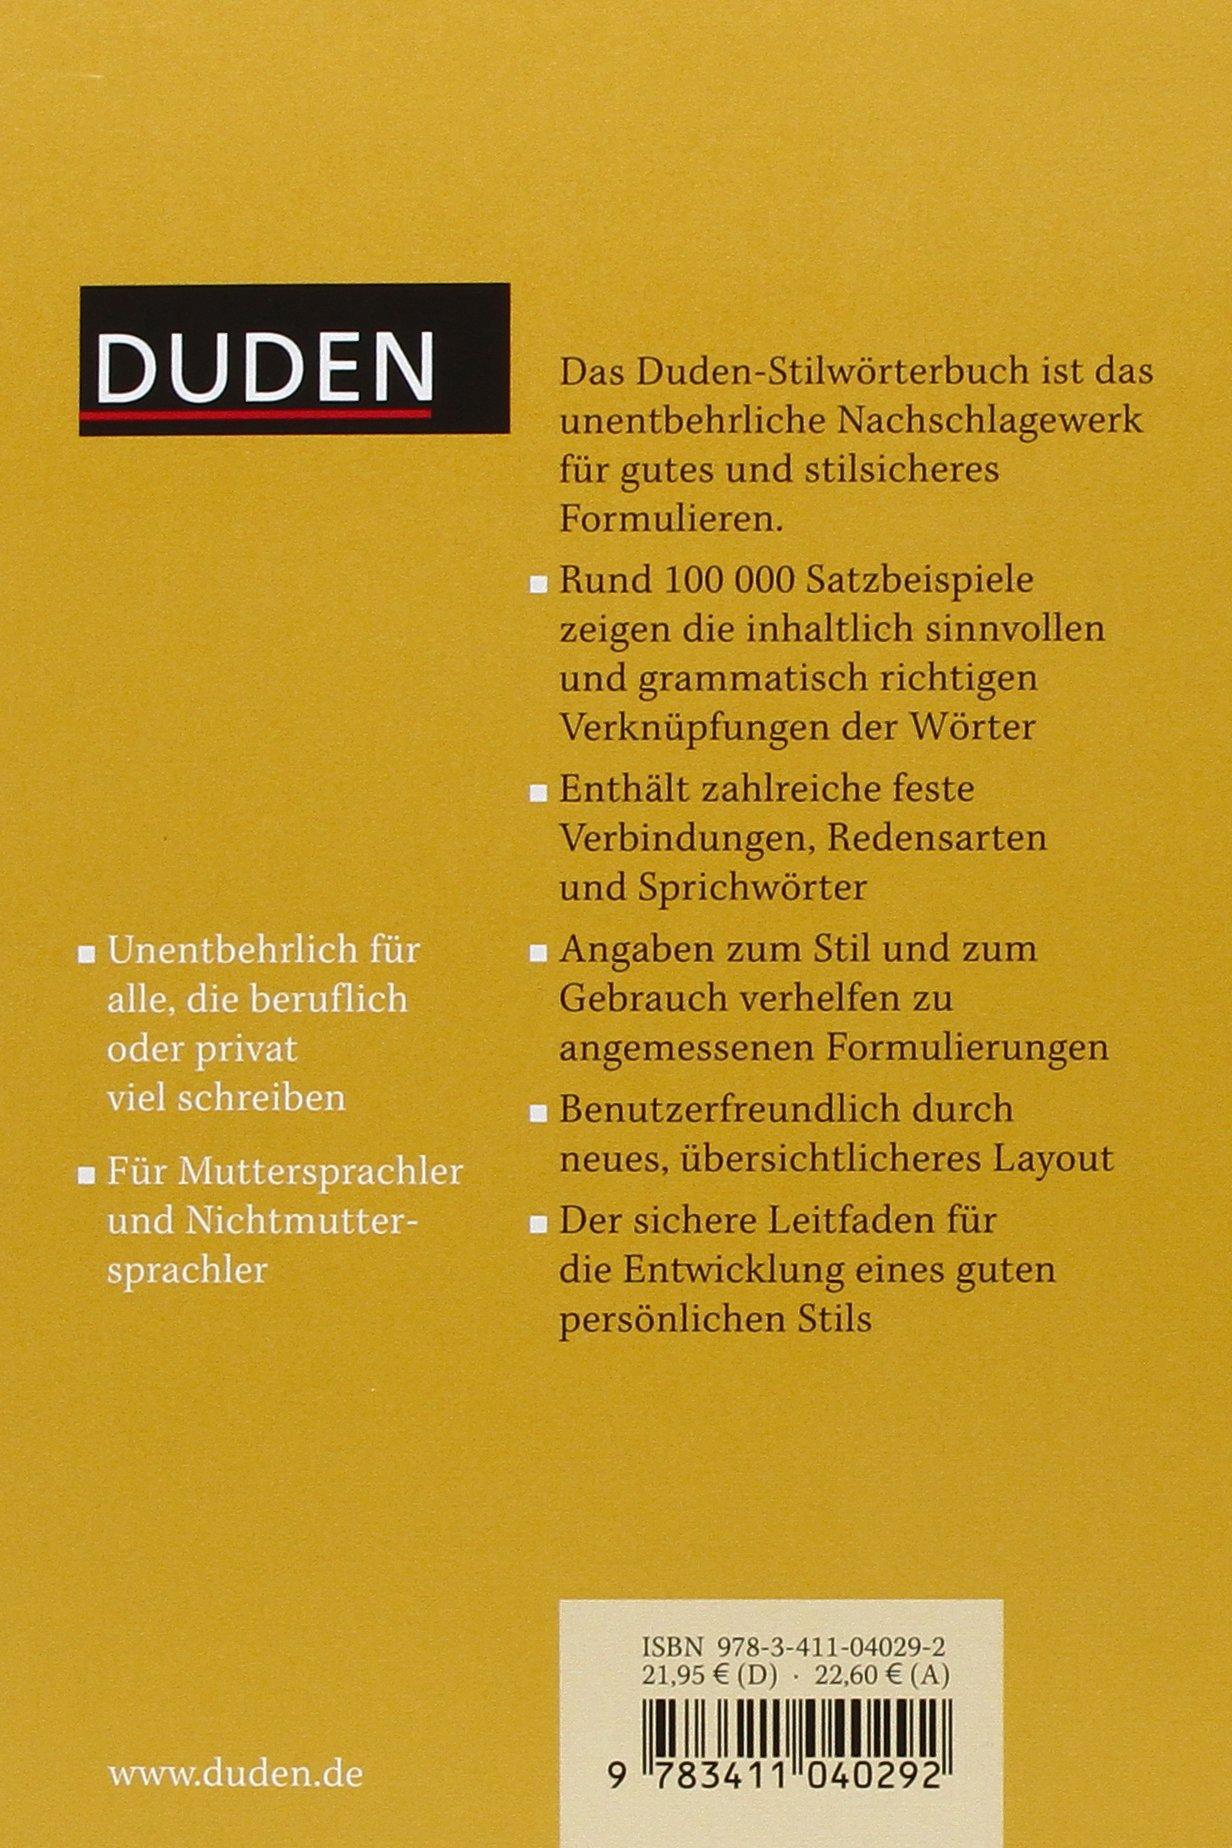 Der duden in 12 banden 2 das stilworterbuch duden series volume 2 amazon co uk anne plantagenet 9783411040292 books